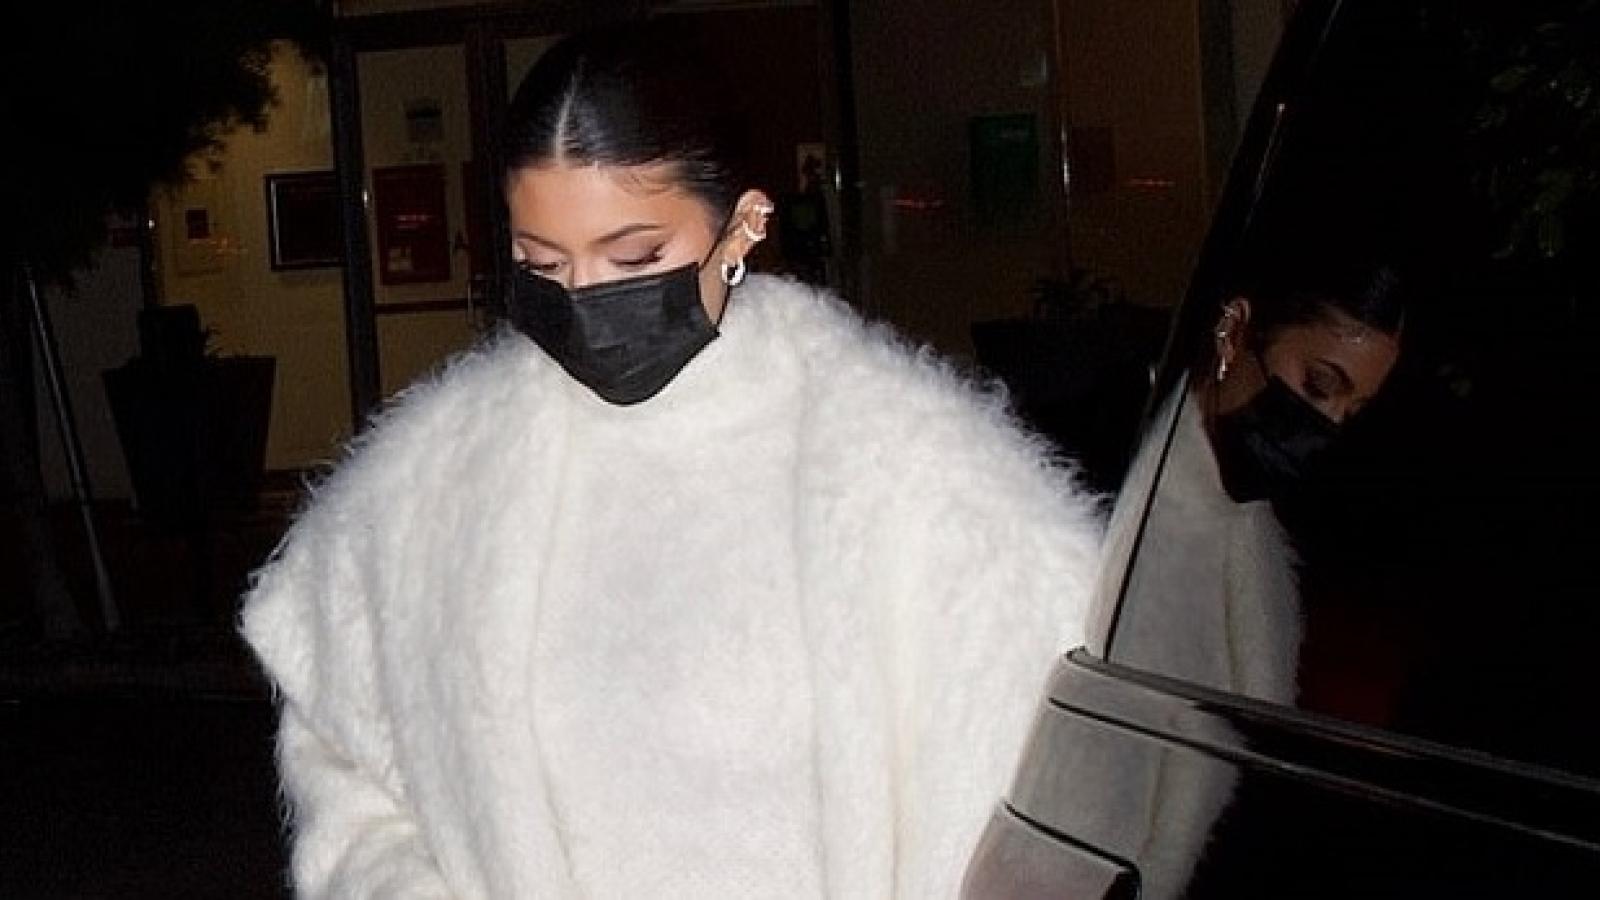 Kylie Jenner diện đồ hiệu tinh tế đi ăn tối cùng bạn bè